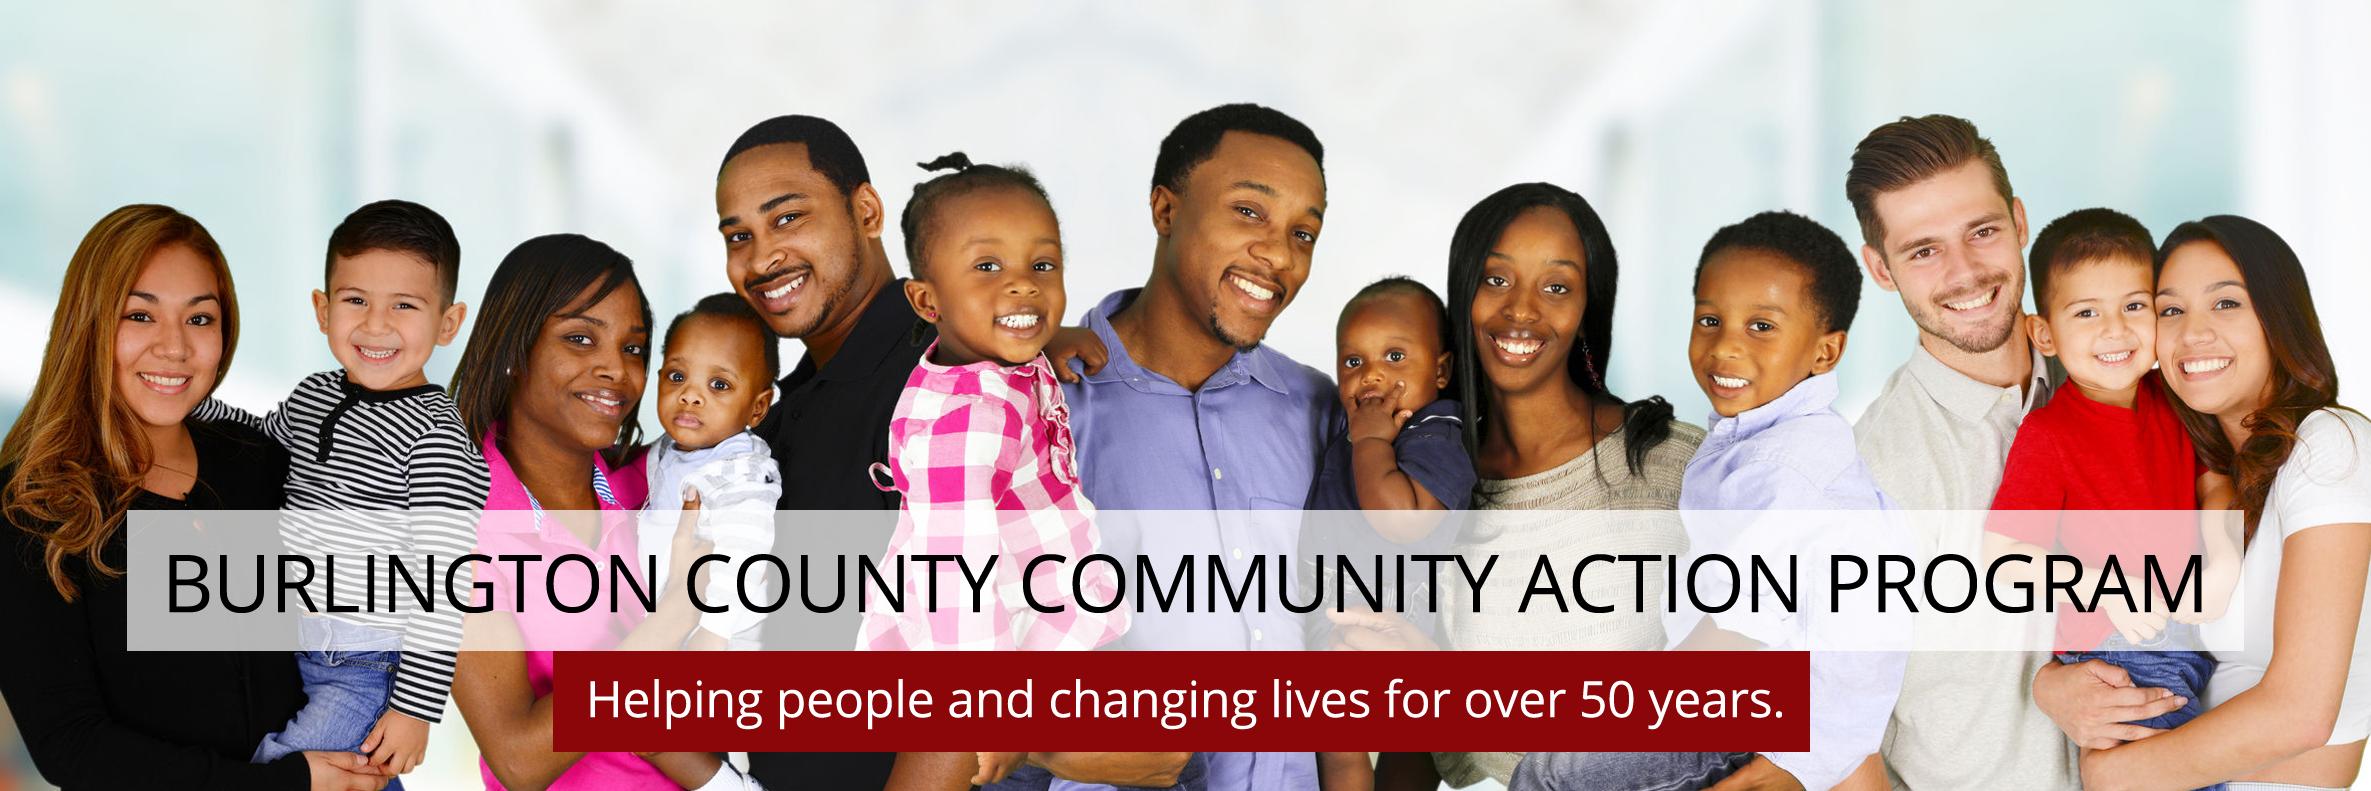 BCCAP - Burlington County Community Action Program | Helping